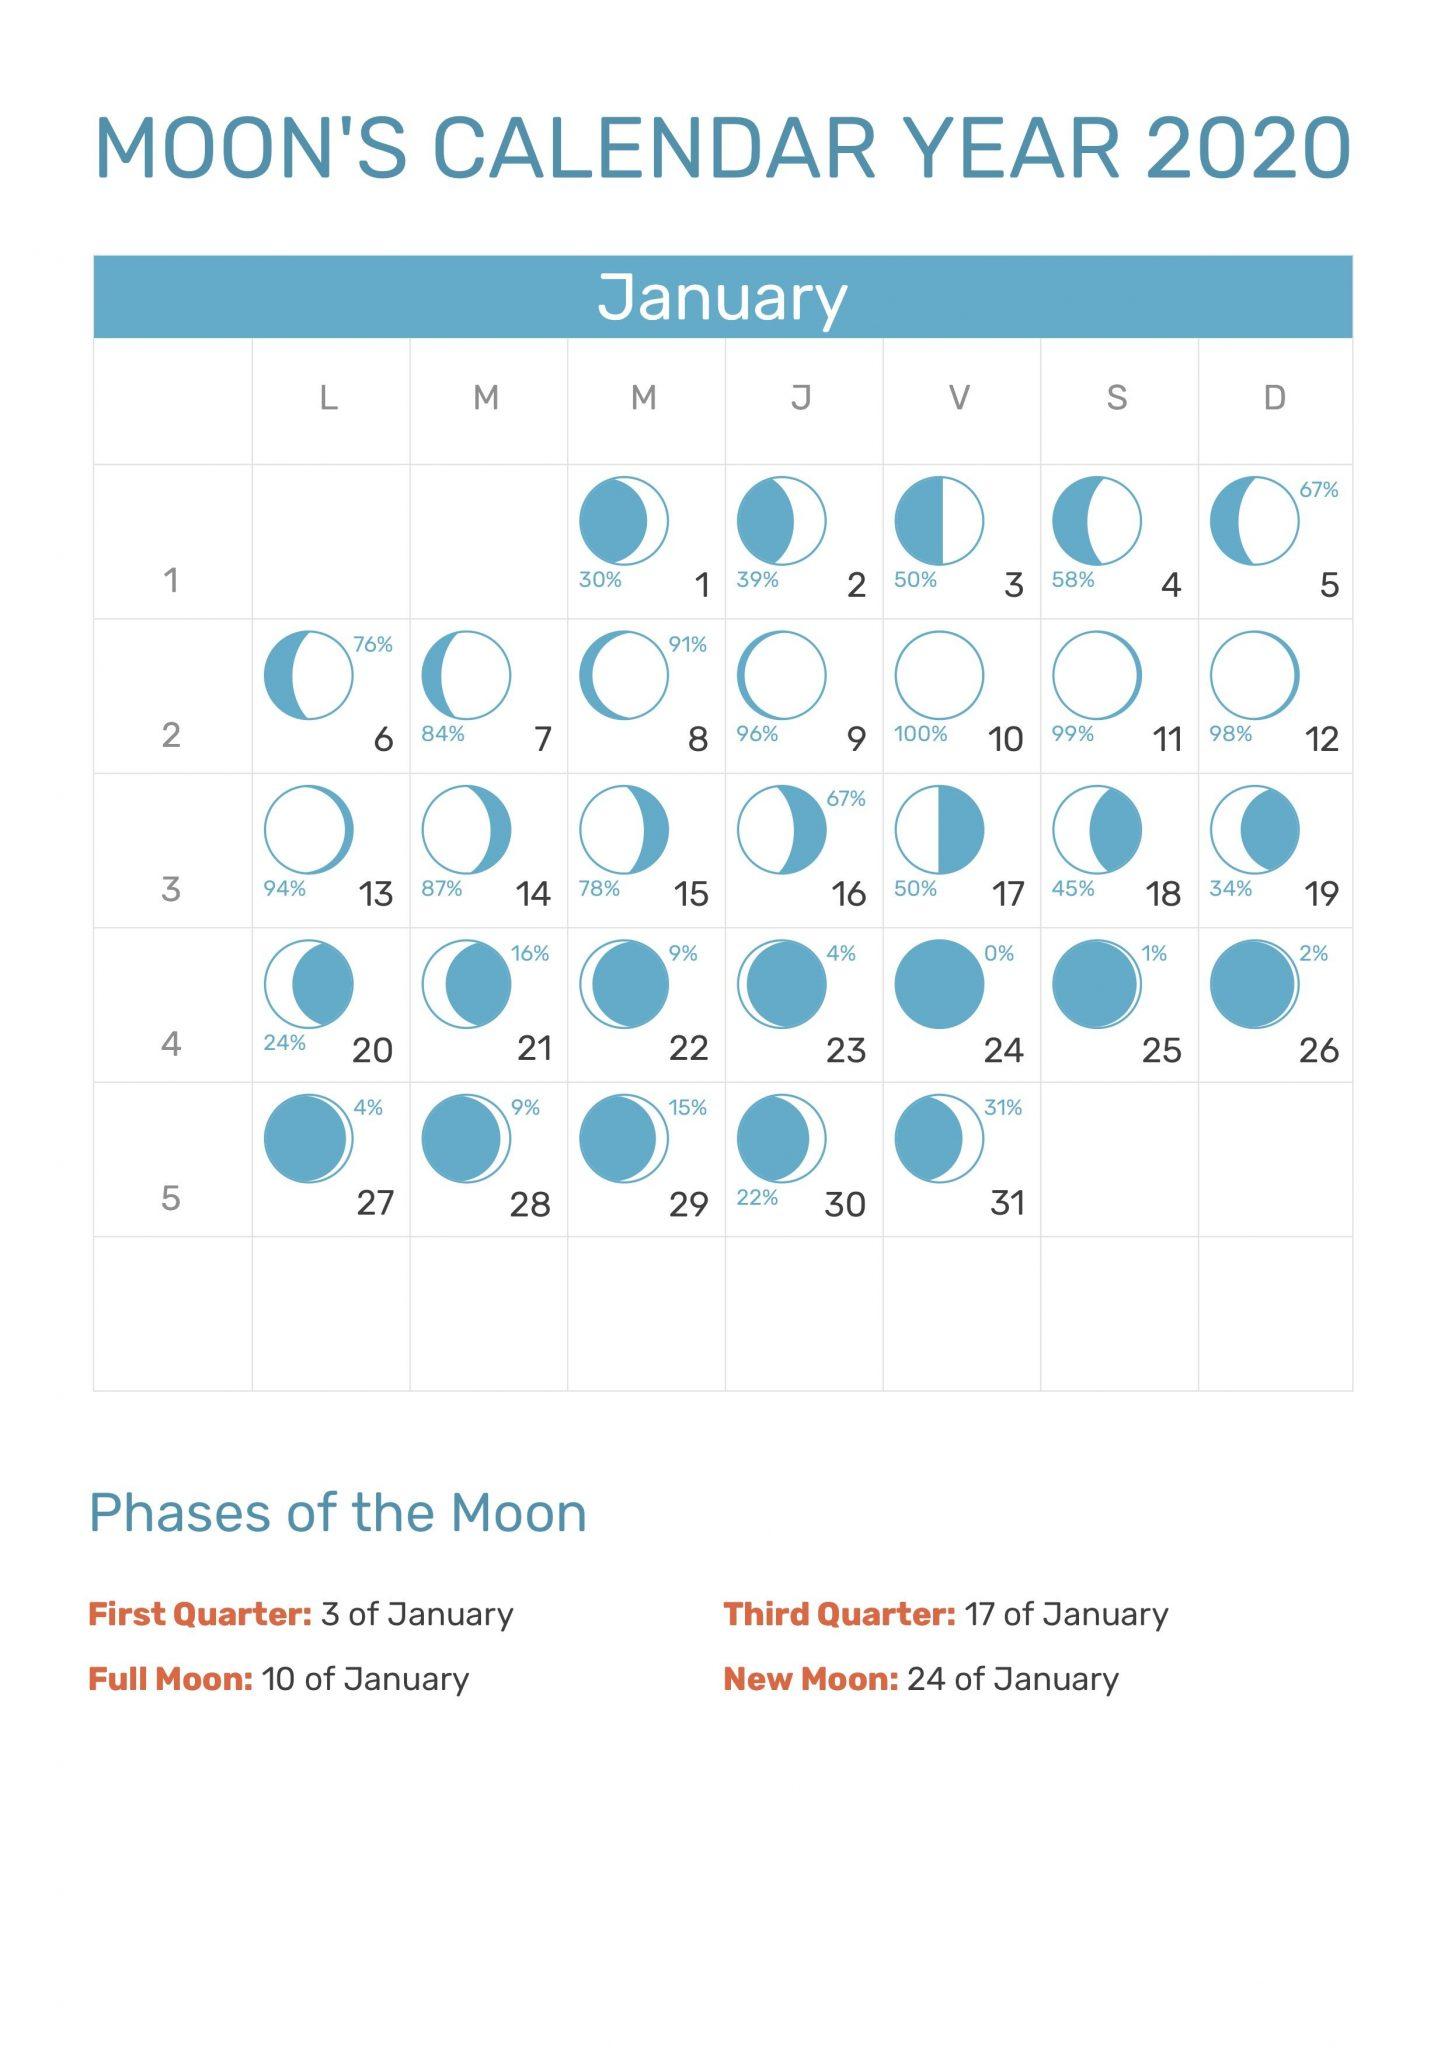 New Moon November 2020.New Full Moon Phases For January 2020 Lunar Calendar